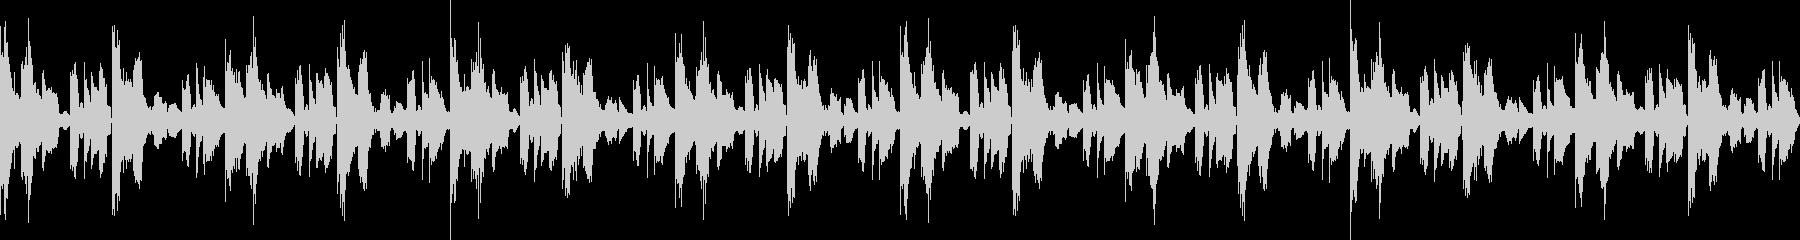 ナチュラルマイルドヒップホップ(ループ)の未再生の波形